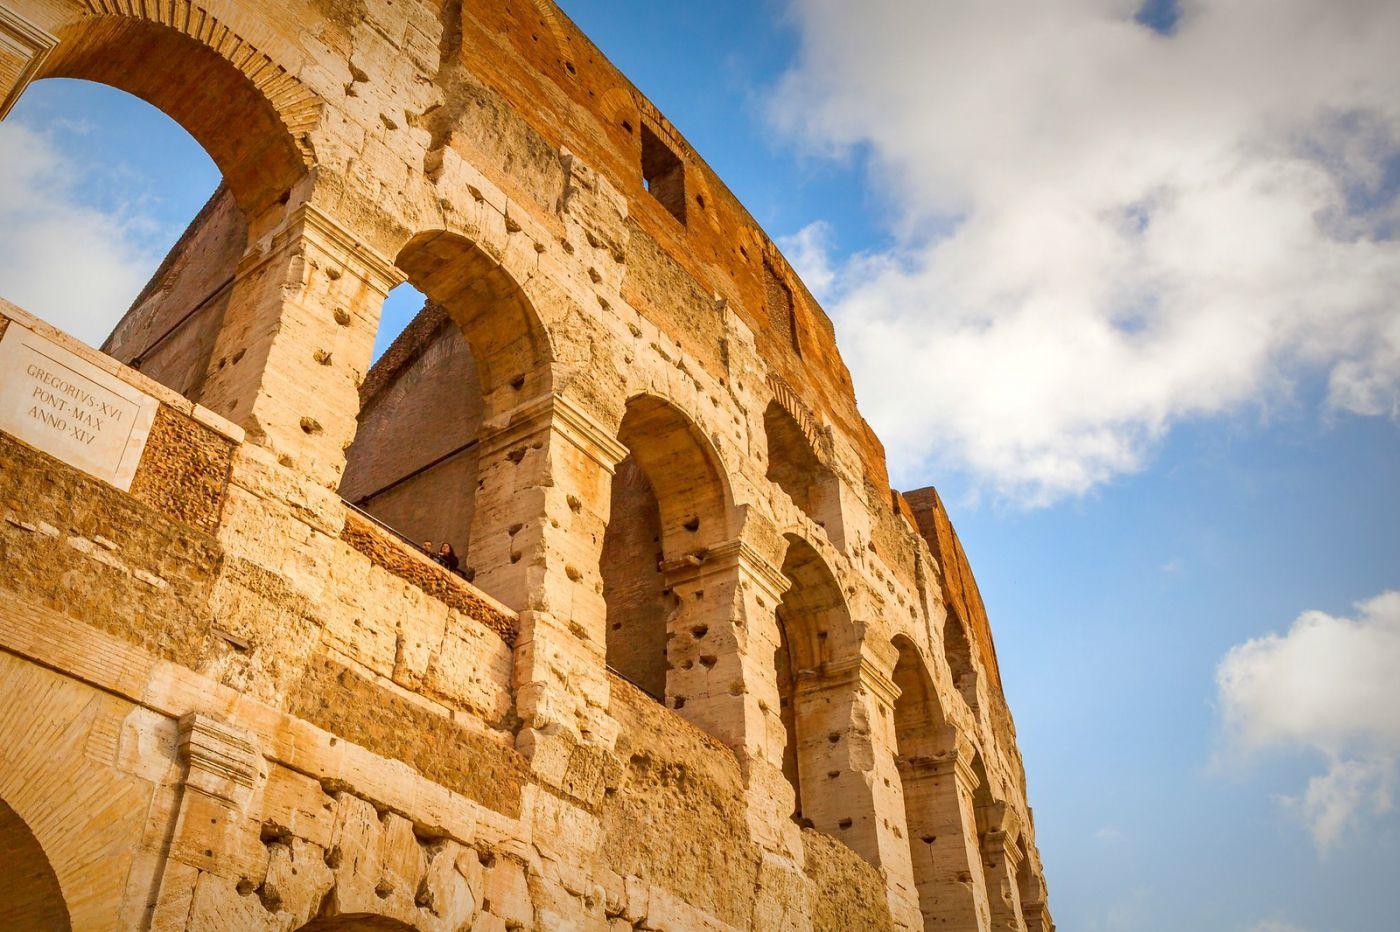 罗马斗兽场(Colosseum), 两千年的宏大建筑古迹_图1-5